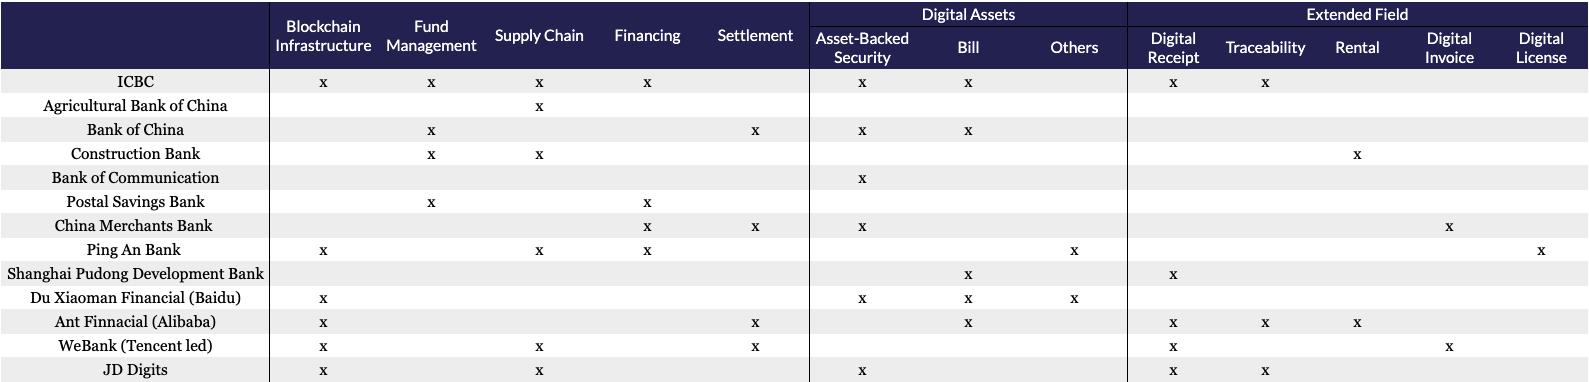 Quatro das maiores empresas de tecnologia da China (Baidu, Alibaba, Tencent e JD) também estão trabalhando em seus próprios aplicativos de serviços financeiros baseados em blockchain